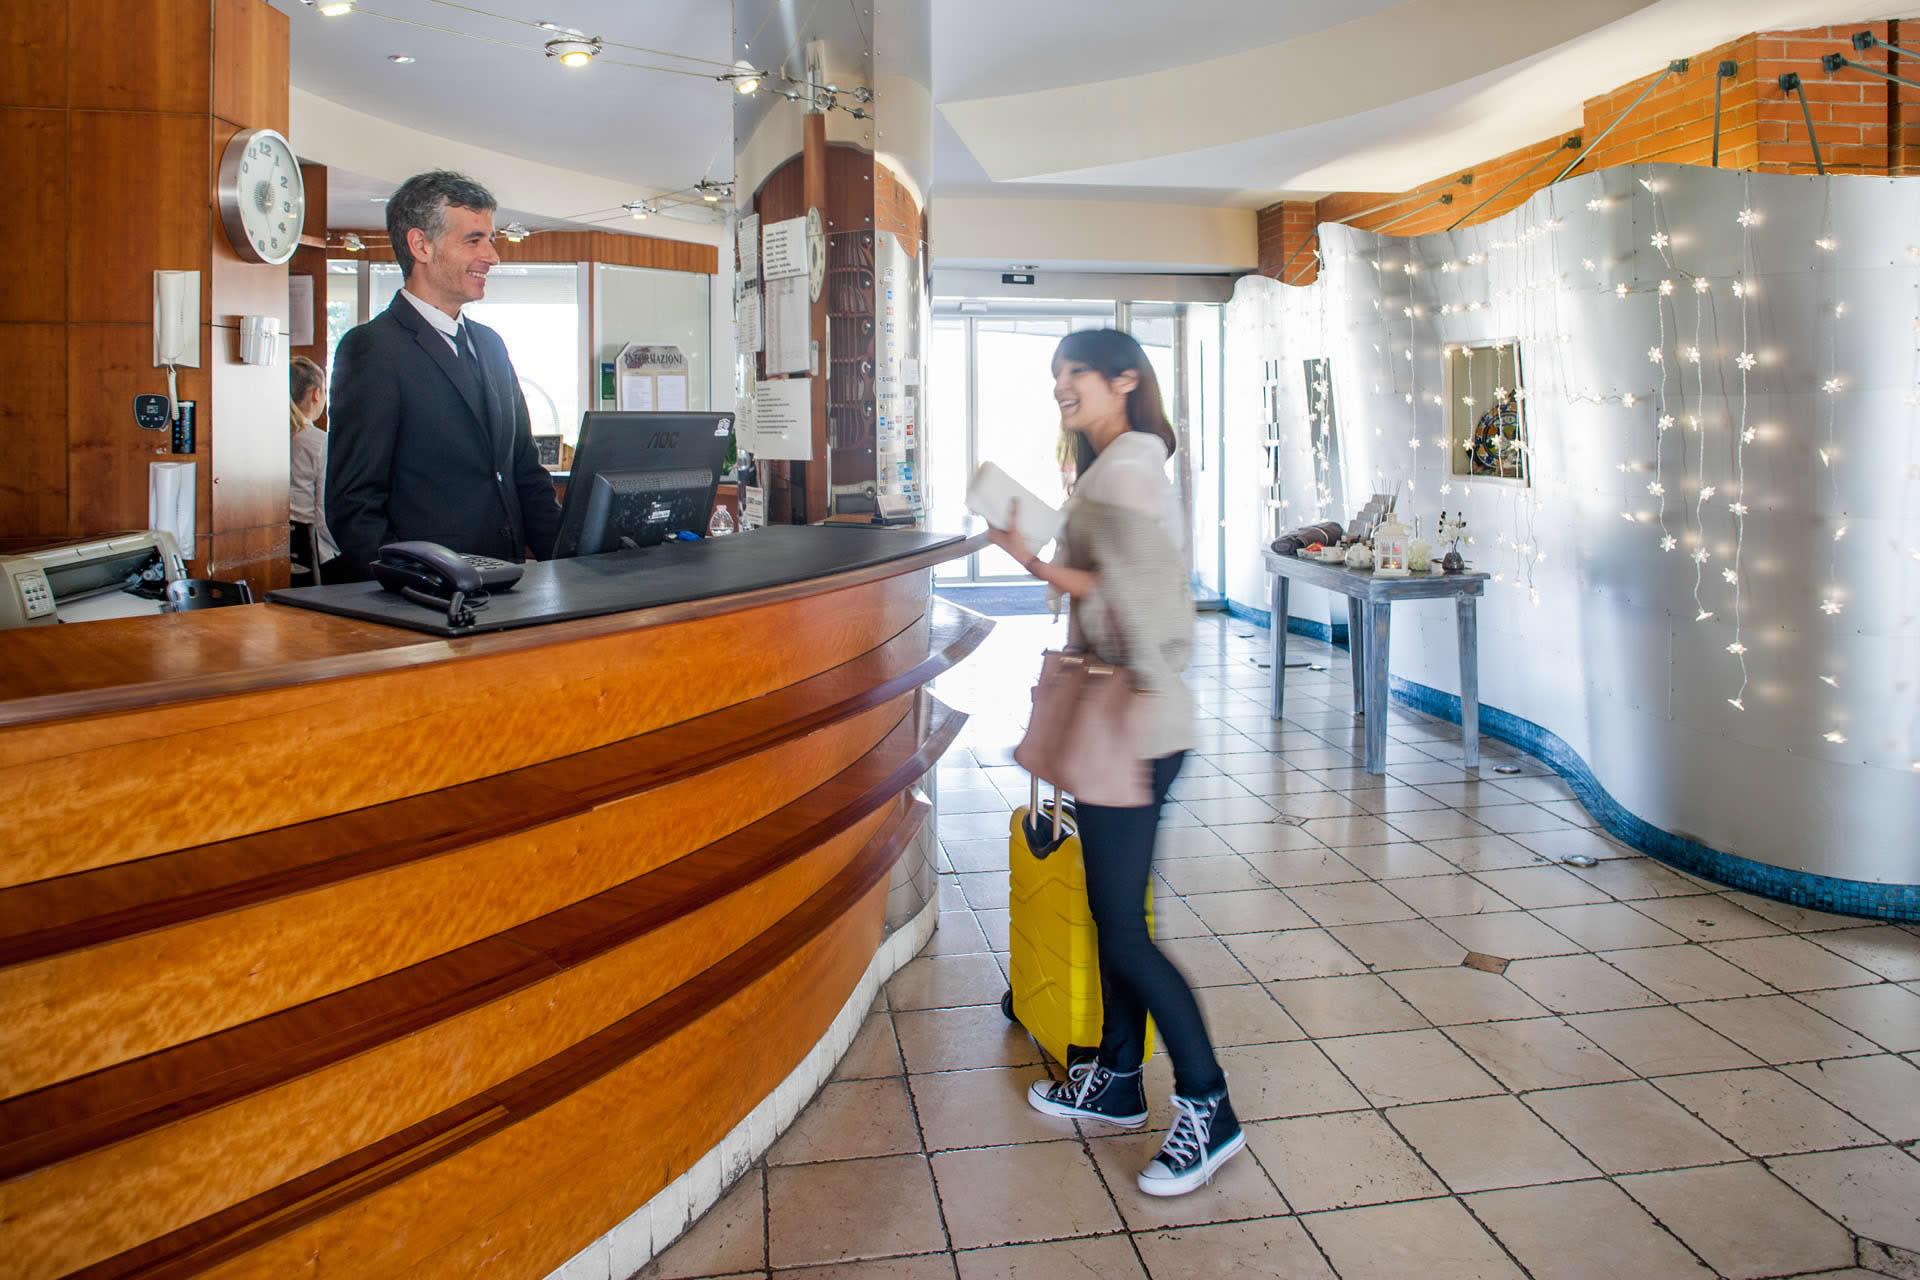 Hotel ostia con bus navetta per aeroporto fiera di roma e for Emmerre arredamenti ostia antica orari